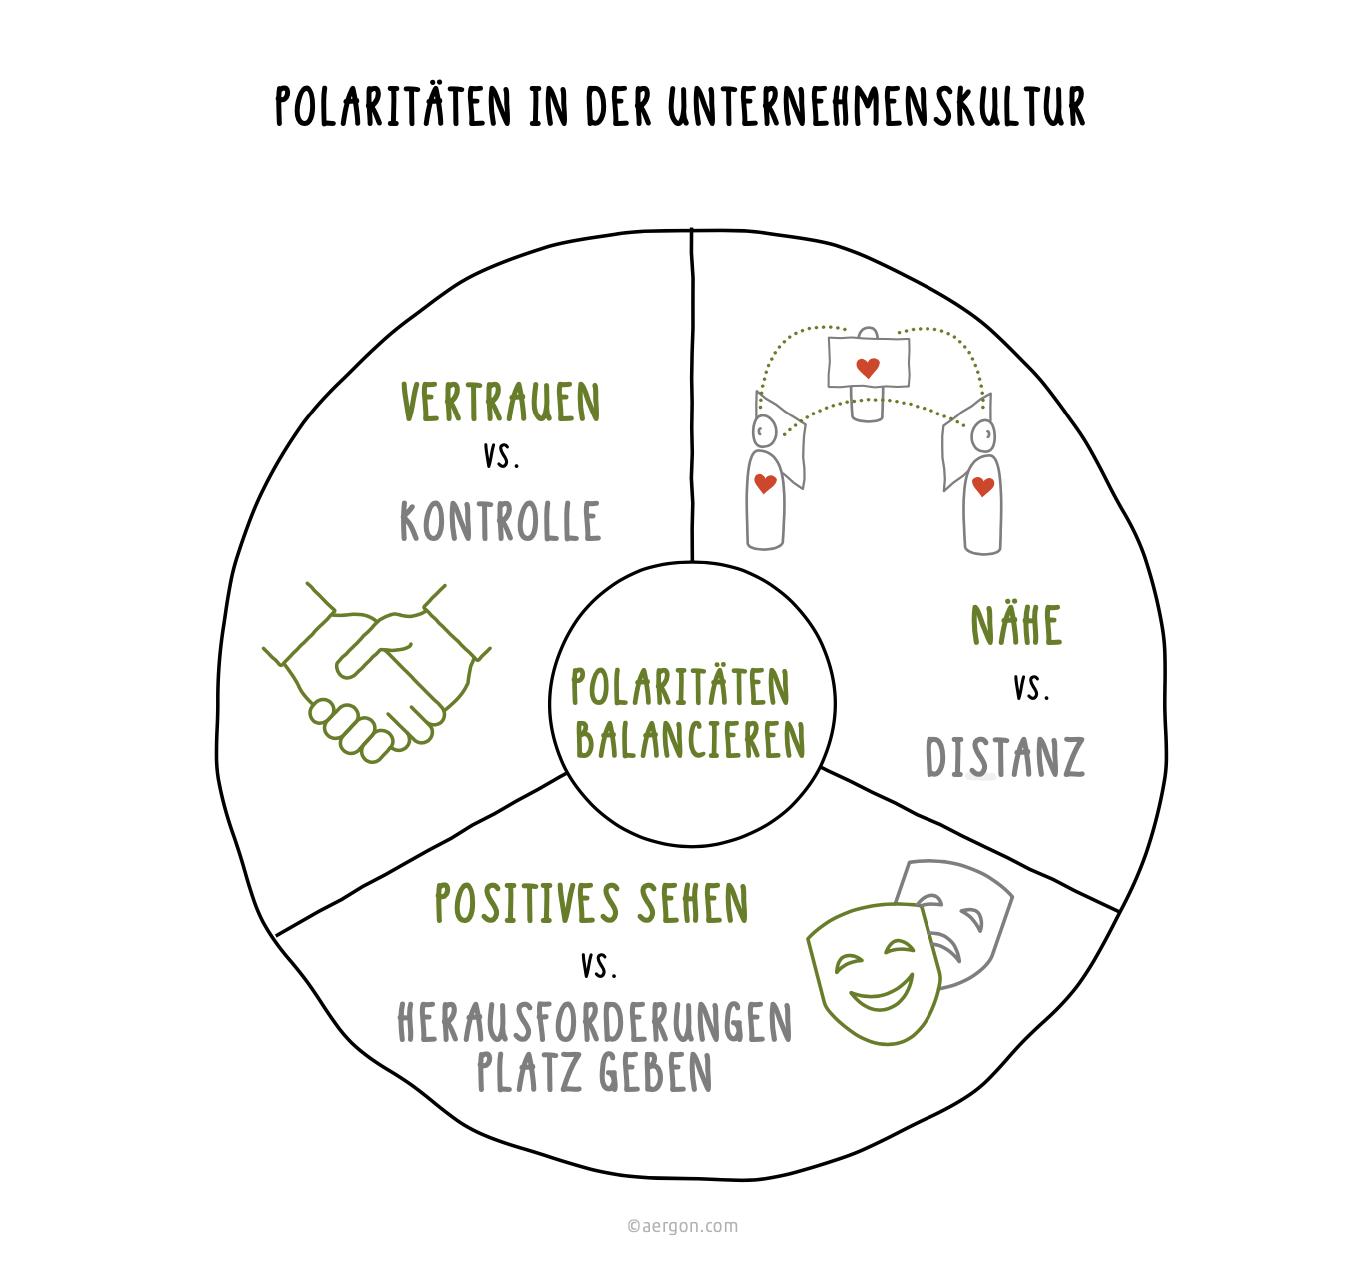 Polaritäten in der Unternehmenskultur